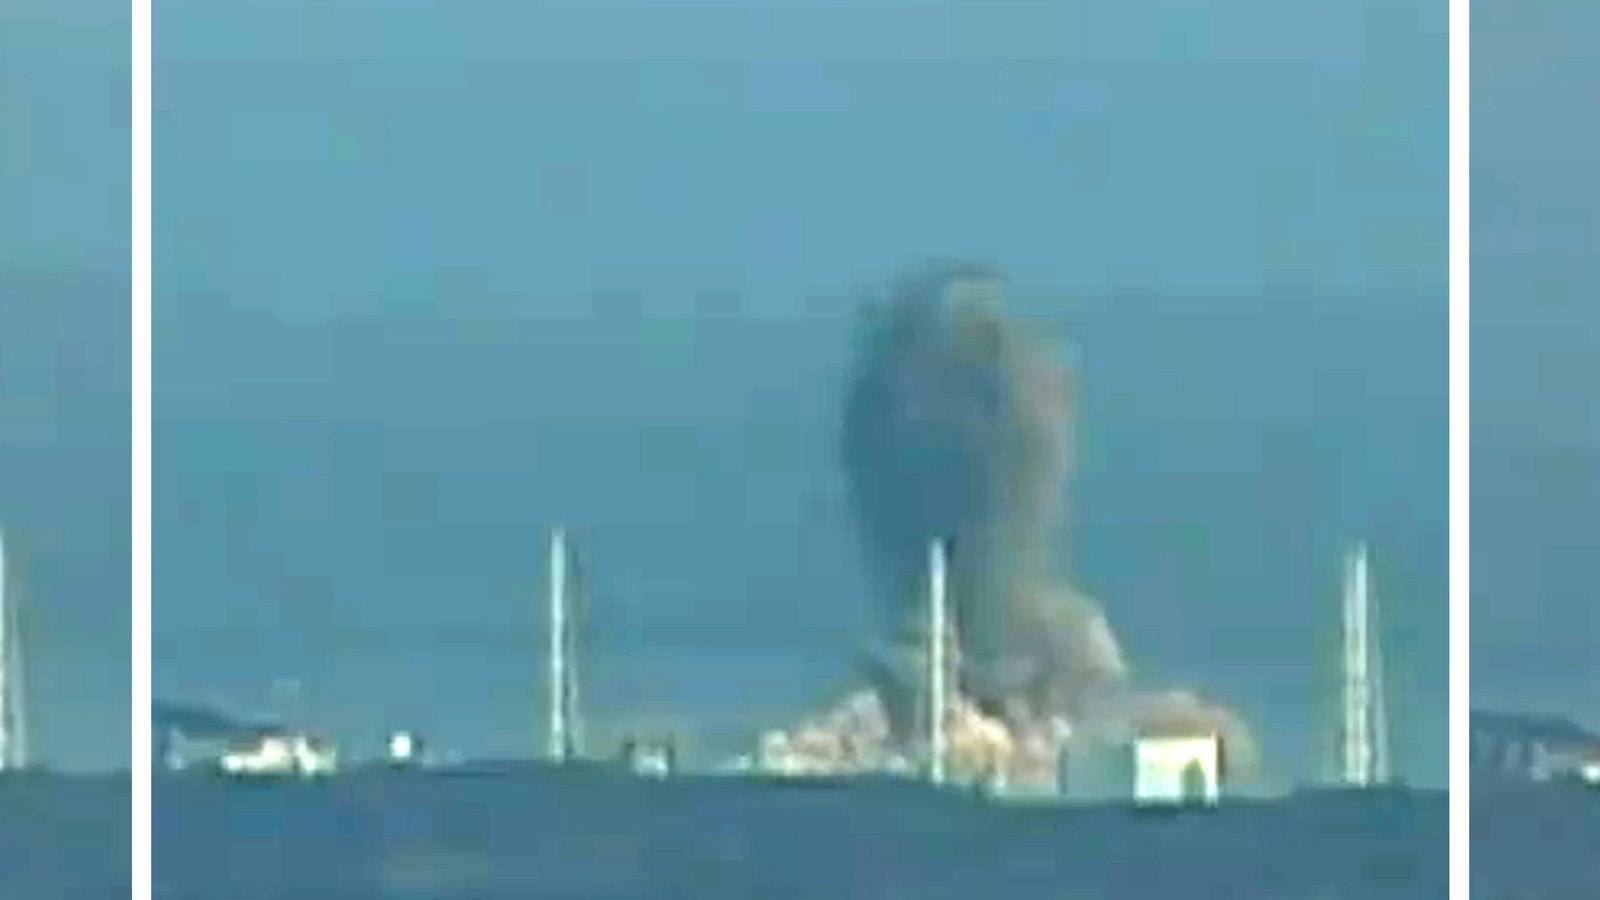 Segona explosió a la central nuclear de Fukushima I